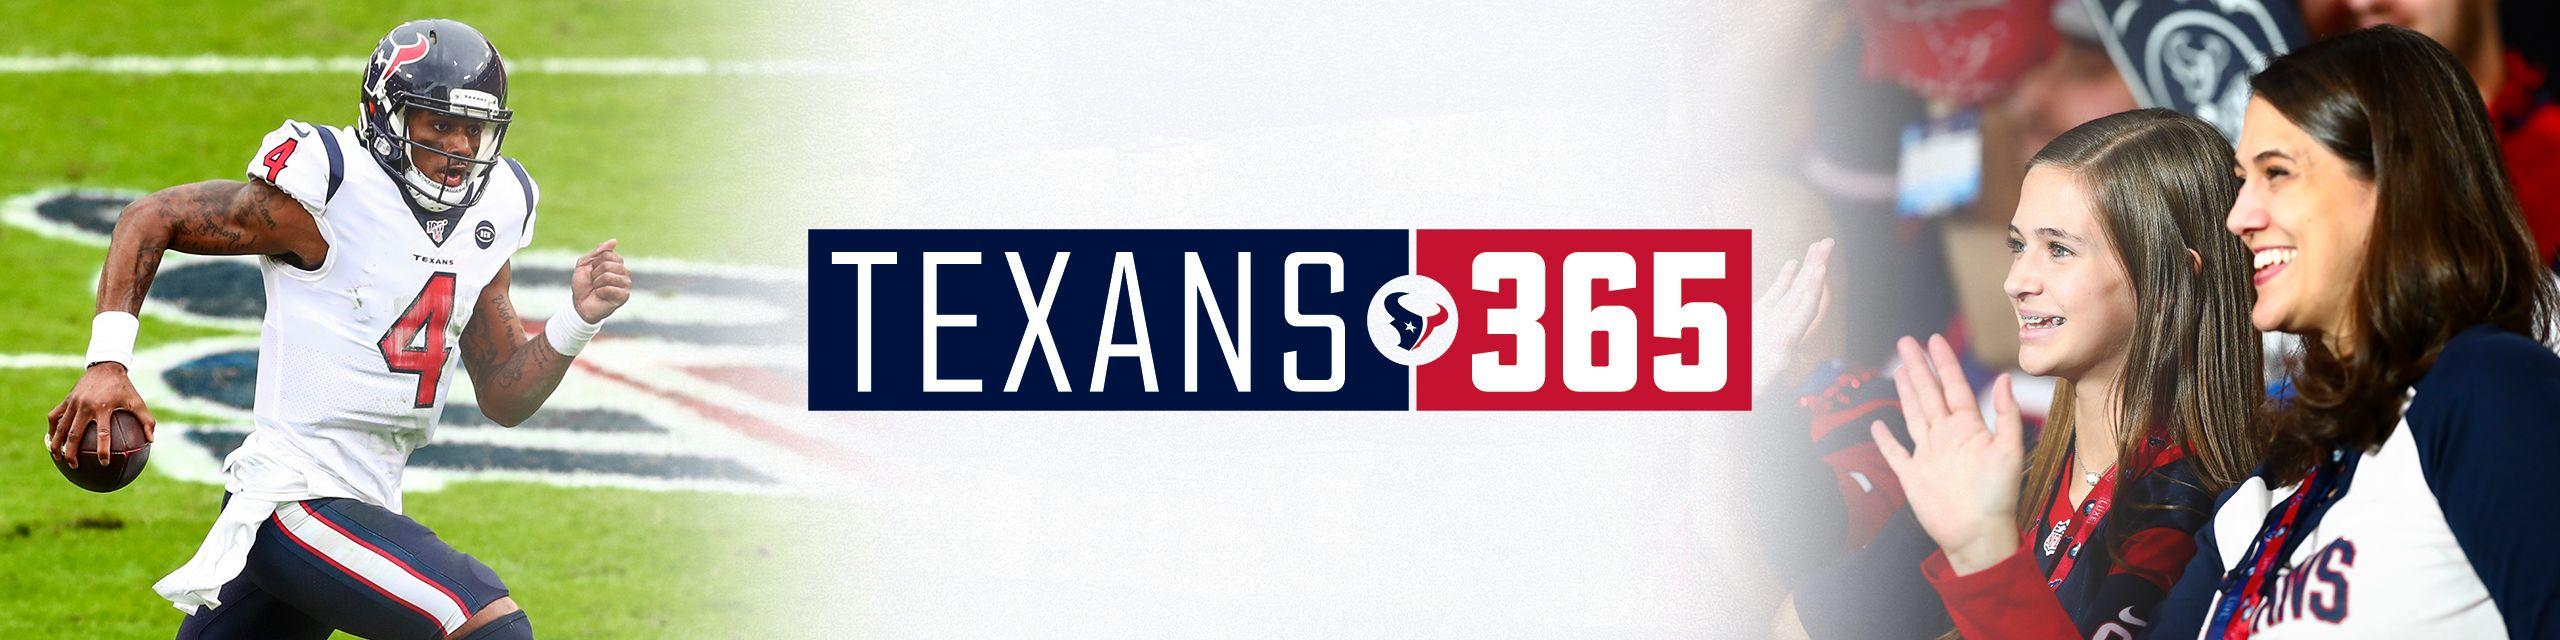 Texans 365